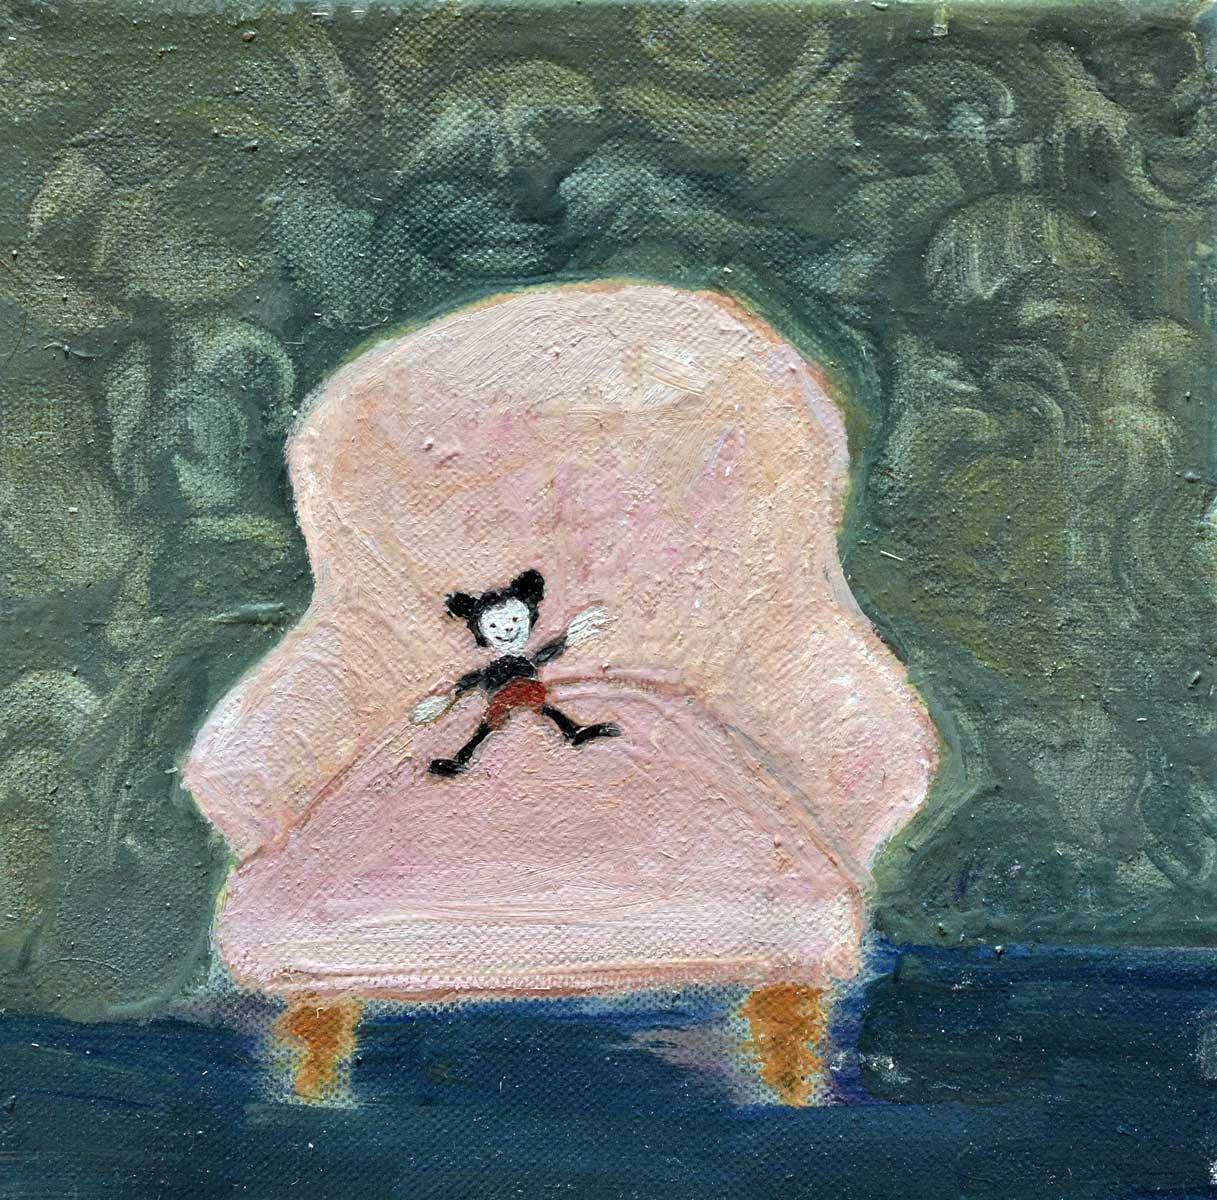 fauteuil Corinne Tichadou artiste peintre Bézier tableaux peinture art contemporain